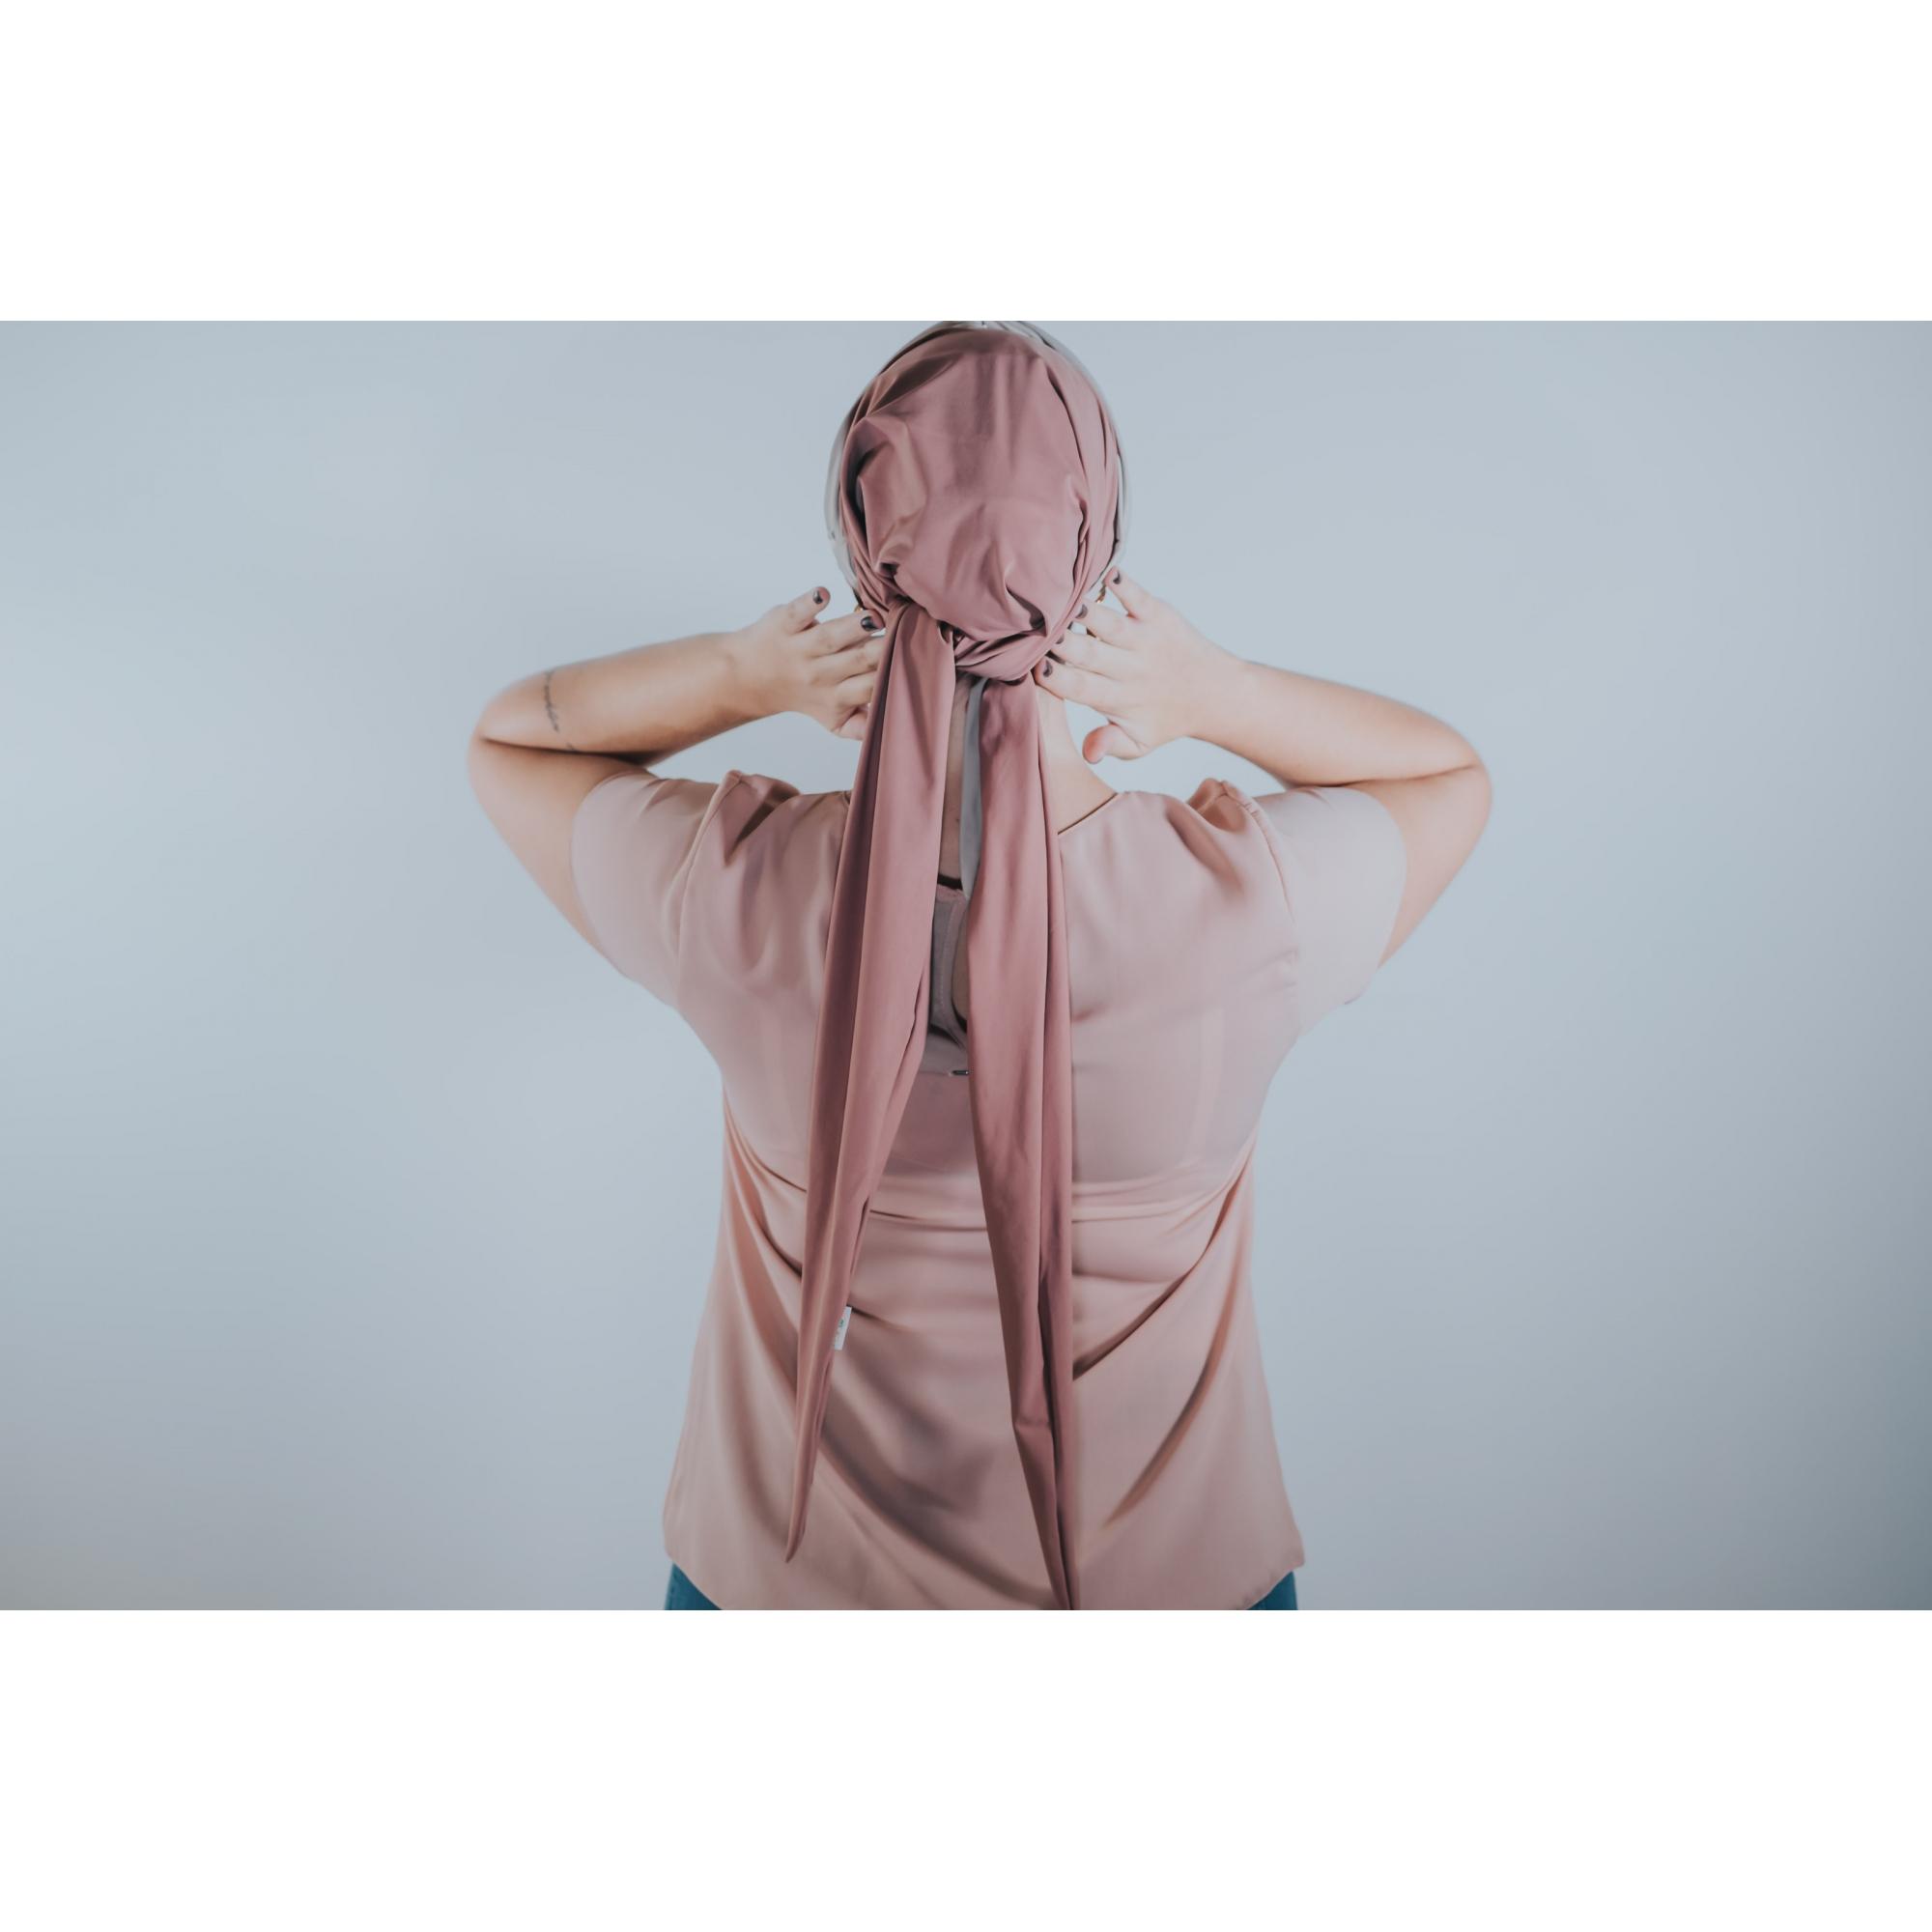 Turbante Rosa Velho com Proteção UV+ Tiara de Argolas Bege